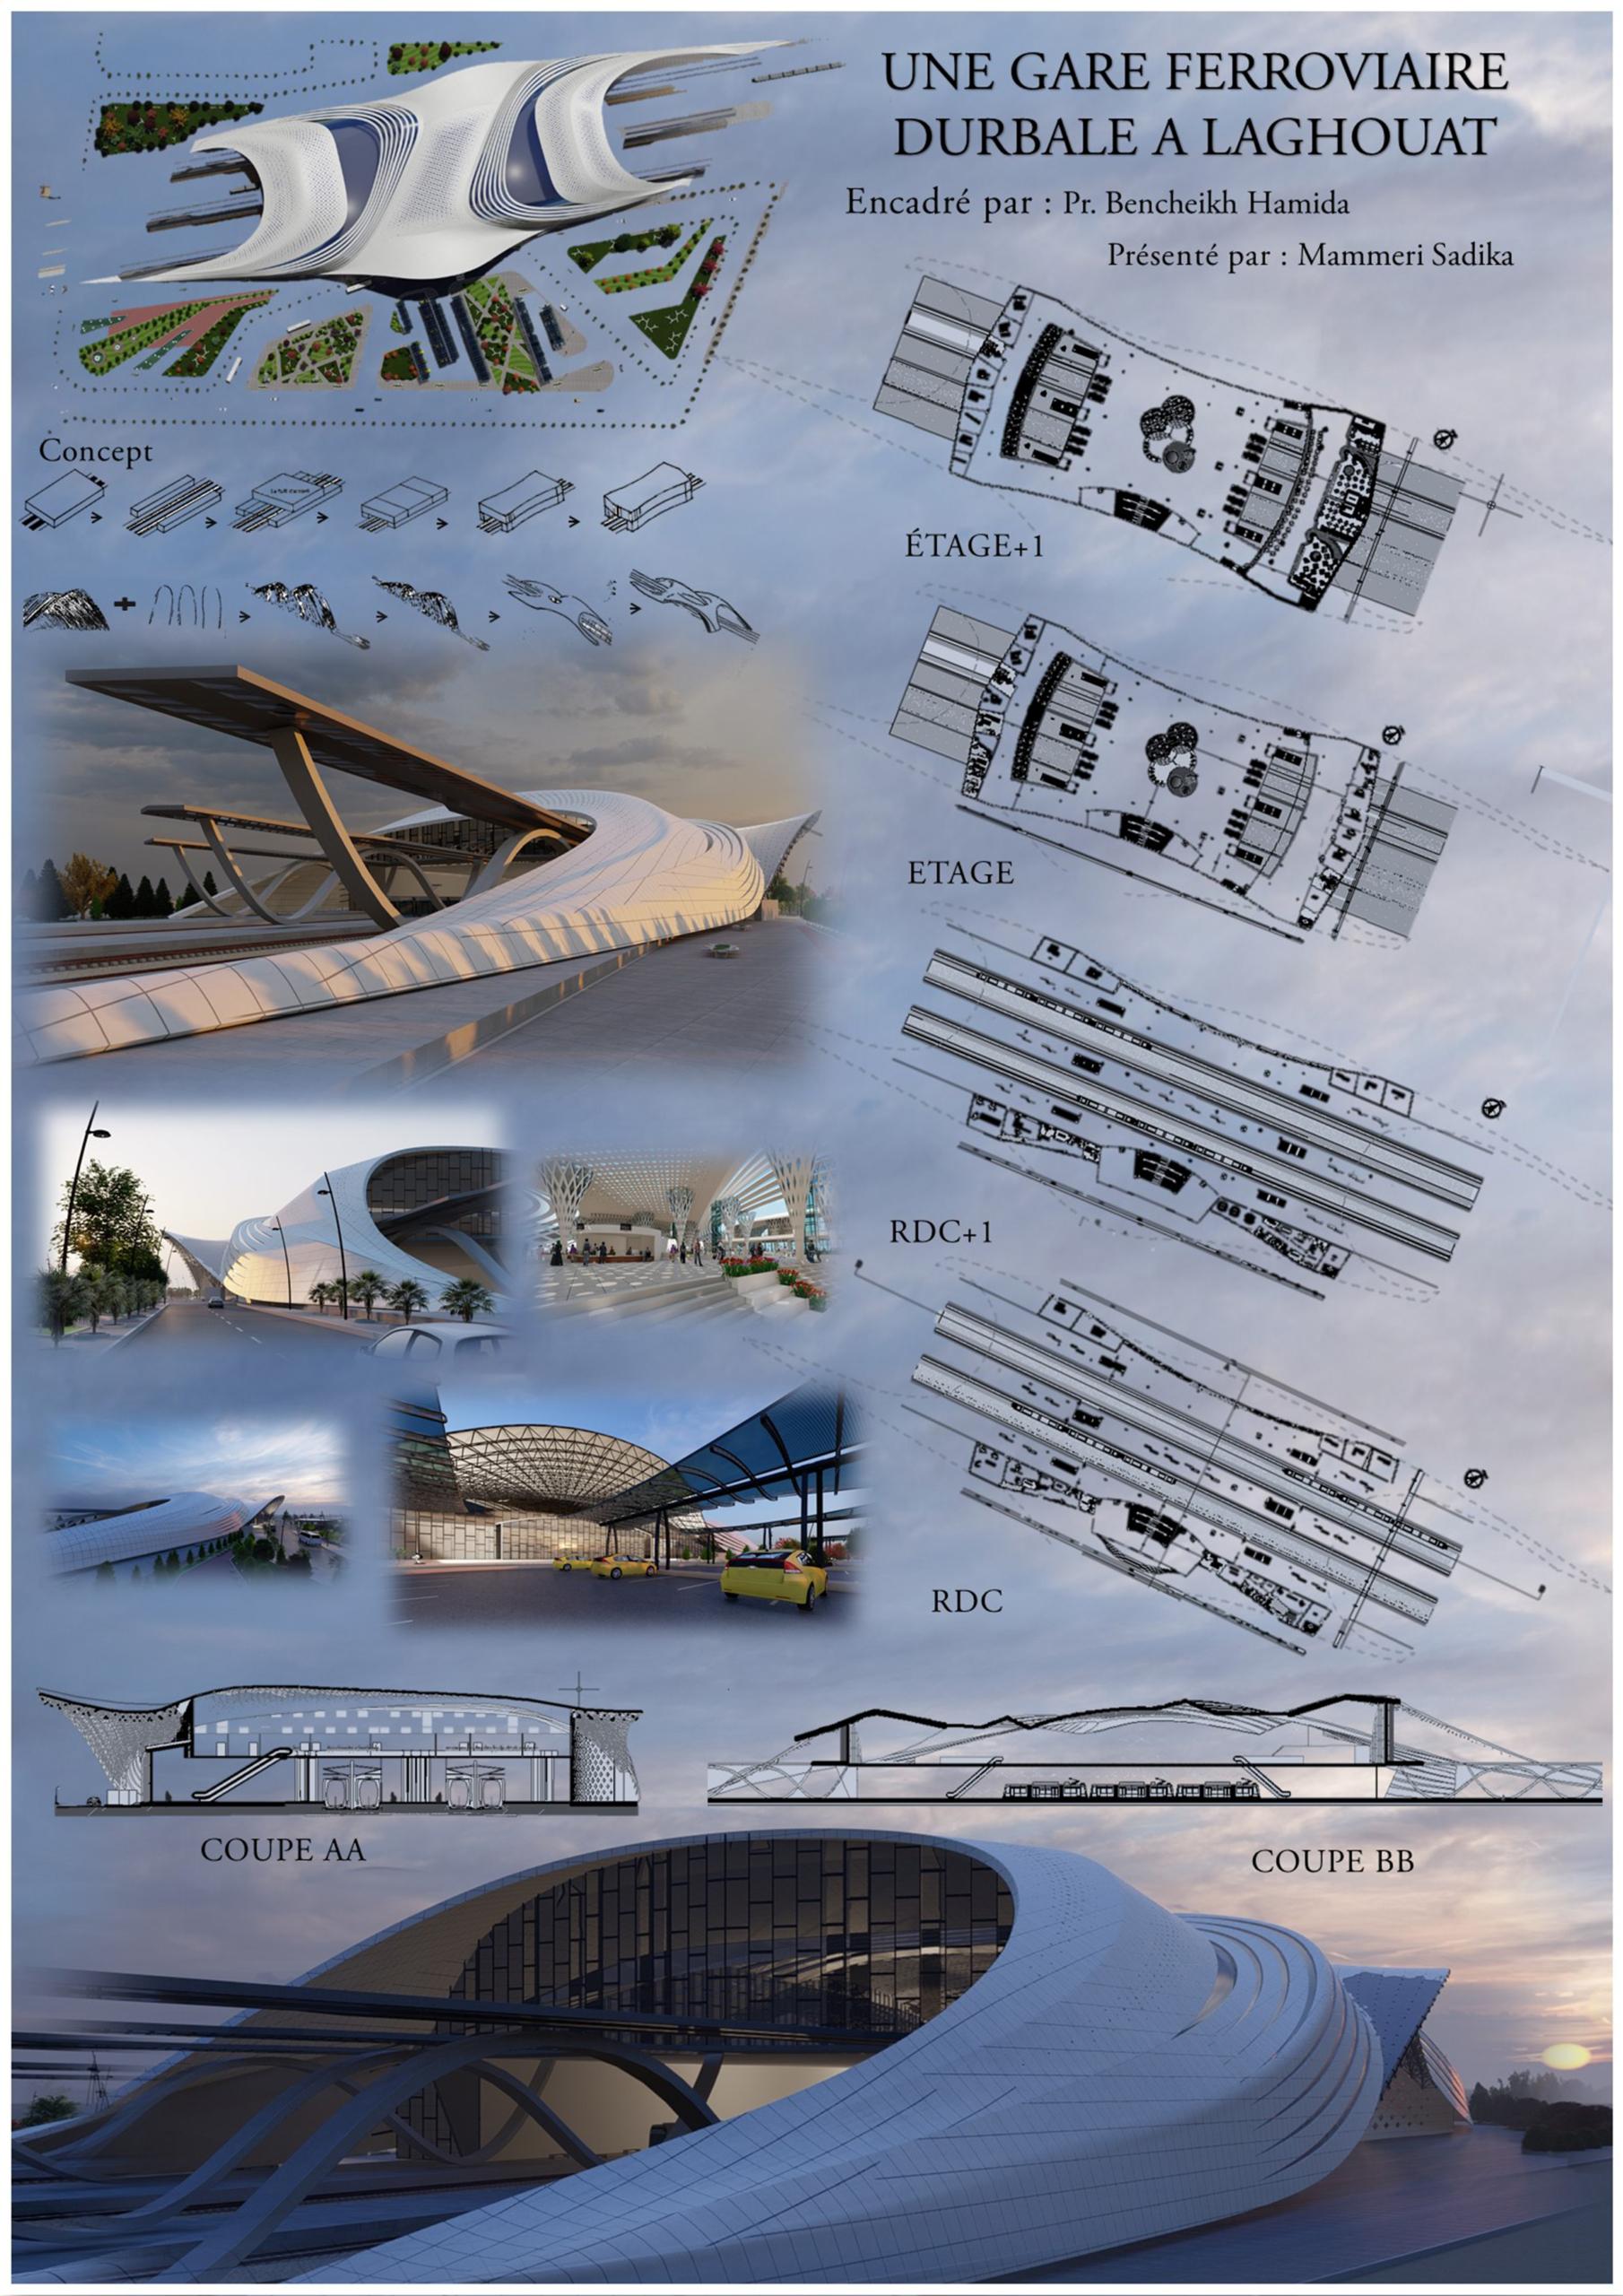 DEUXIÈME PRIX – MAMMERI SADIKA Conception d'une gare ferroviaire durable à Laghouat – Etude de l'impact de l'orientation du hall d'accueil sur le confort thermique